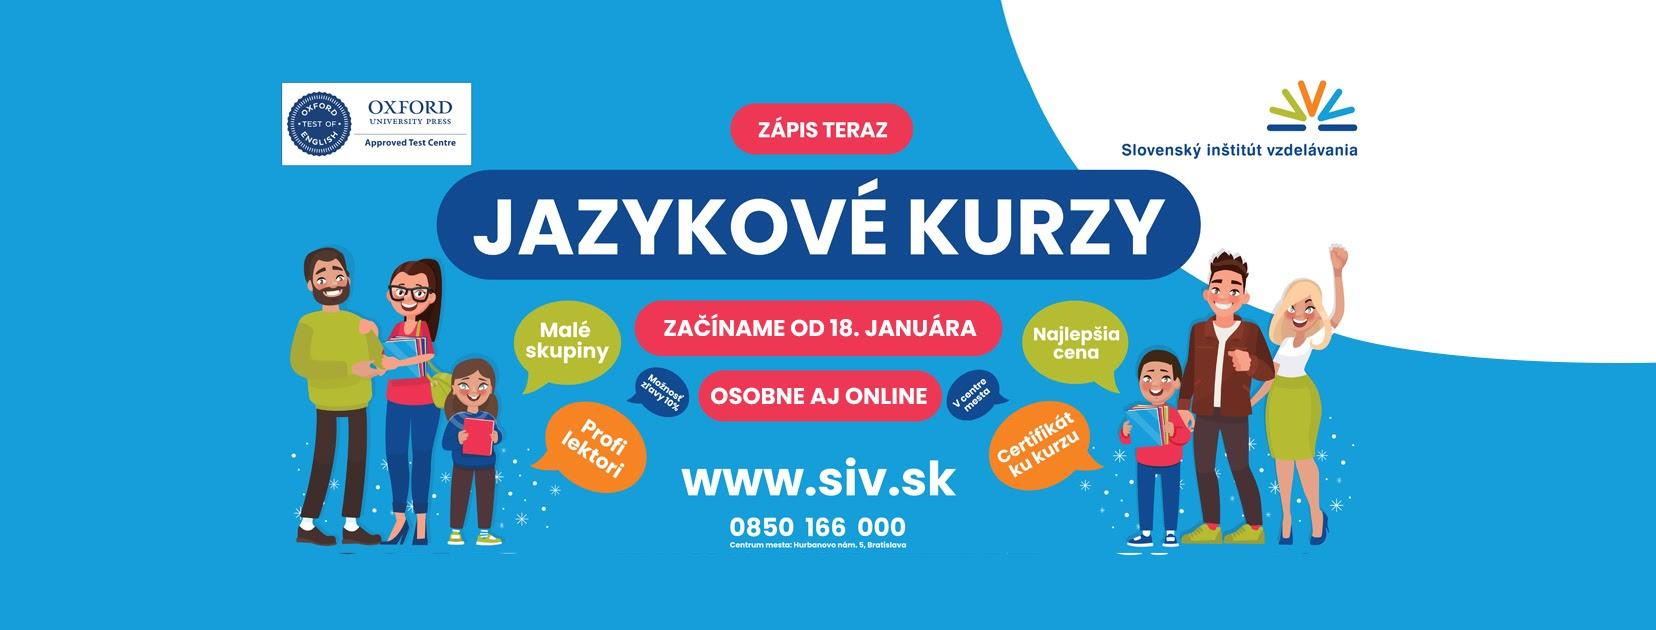 Slovenský inštitút vzdelávania